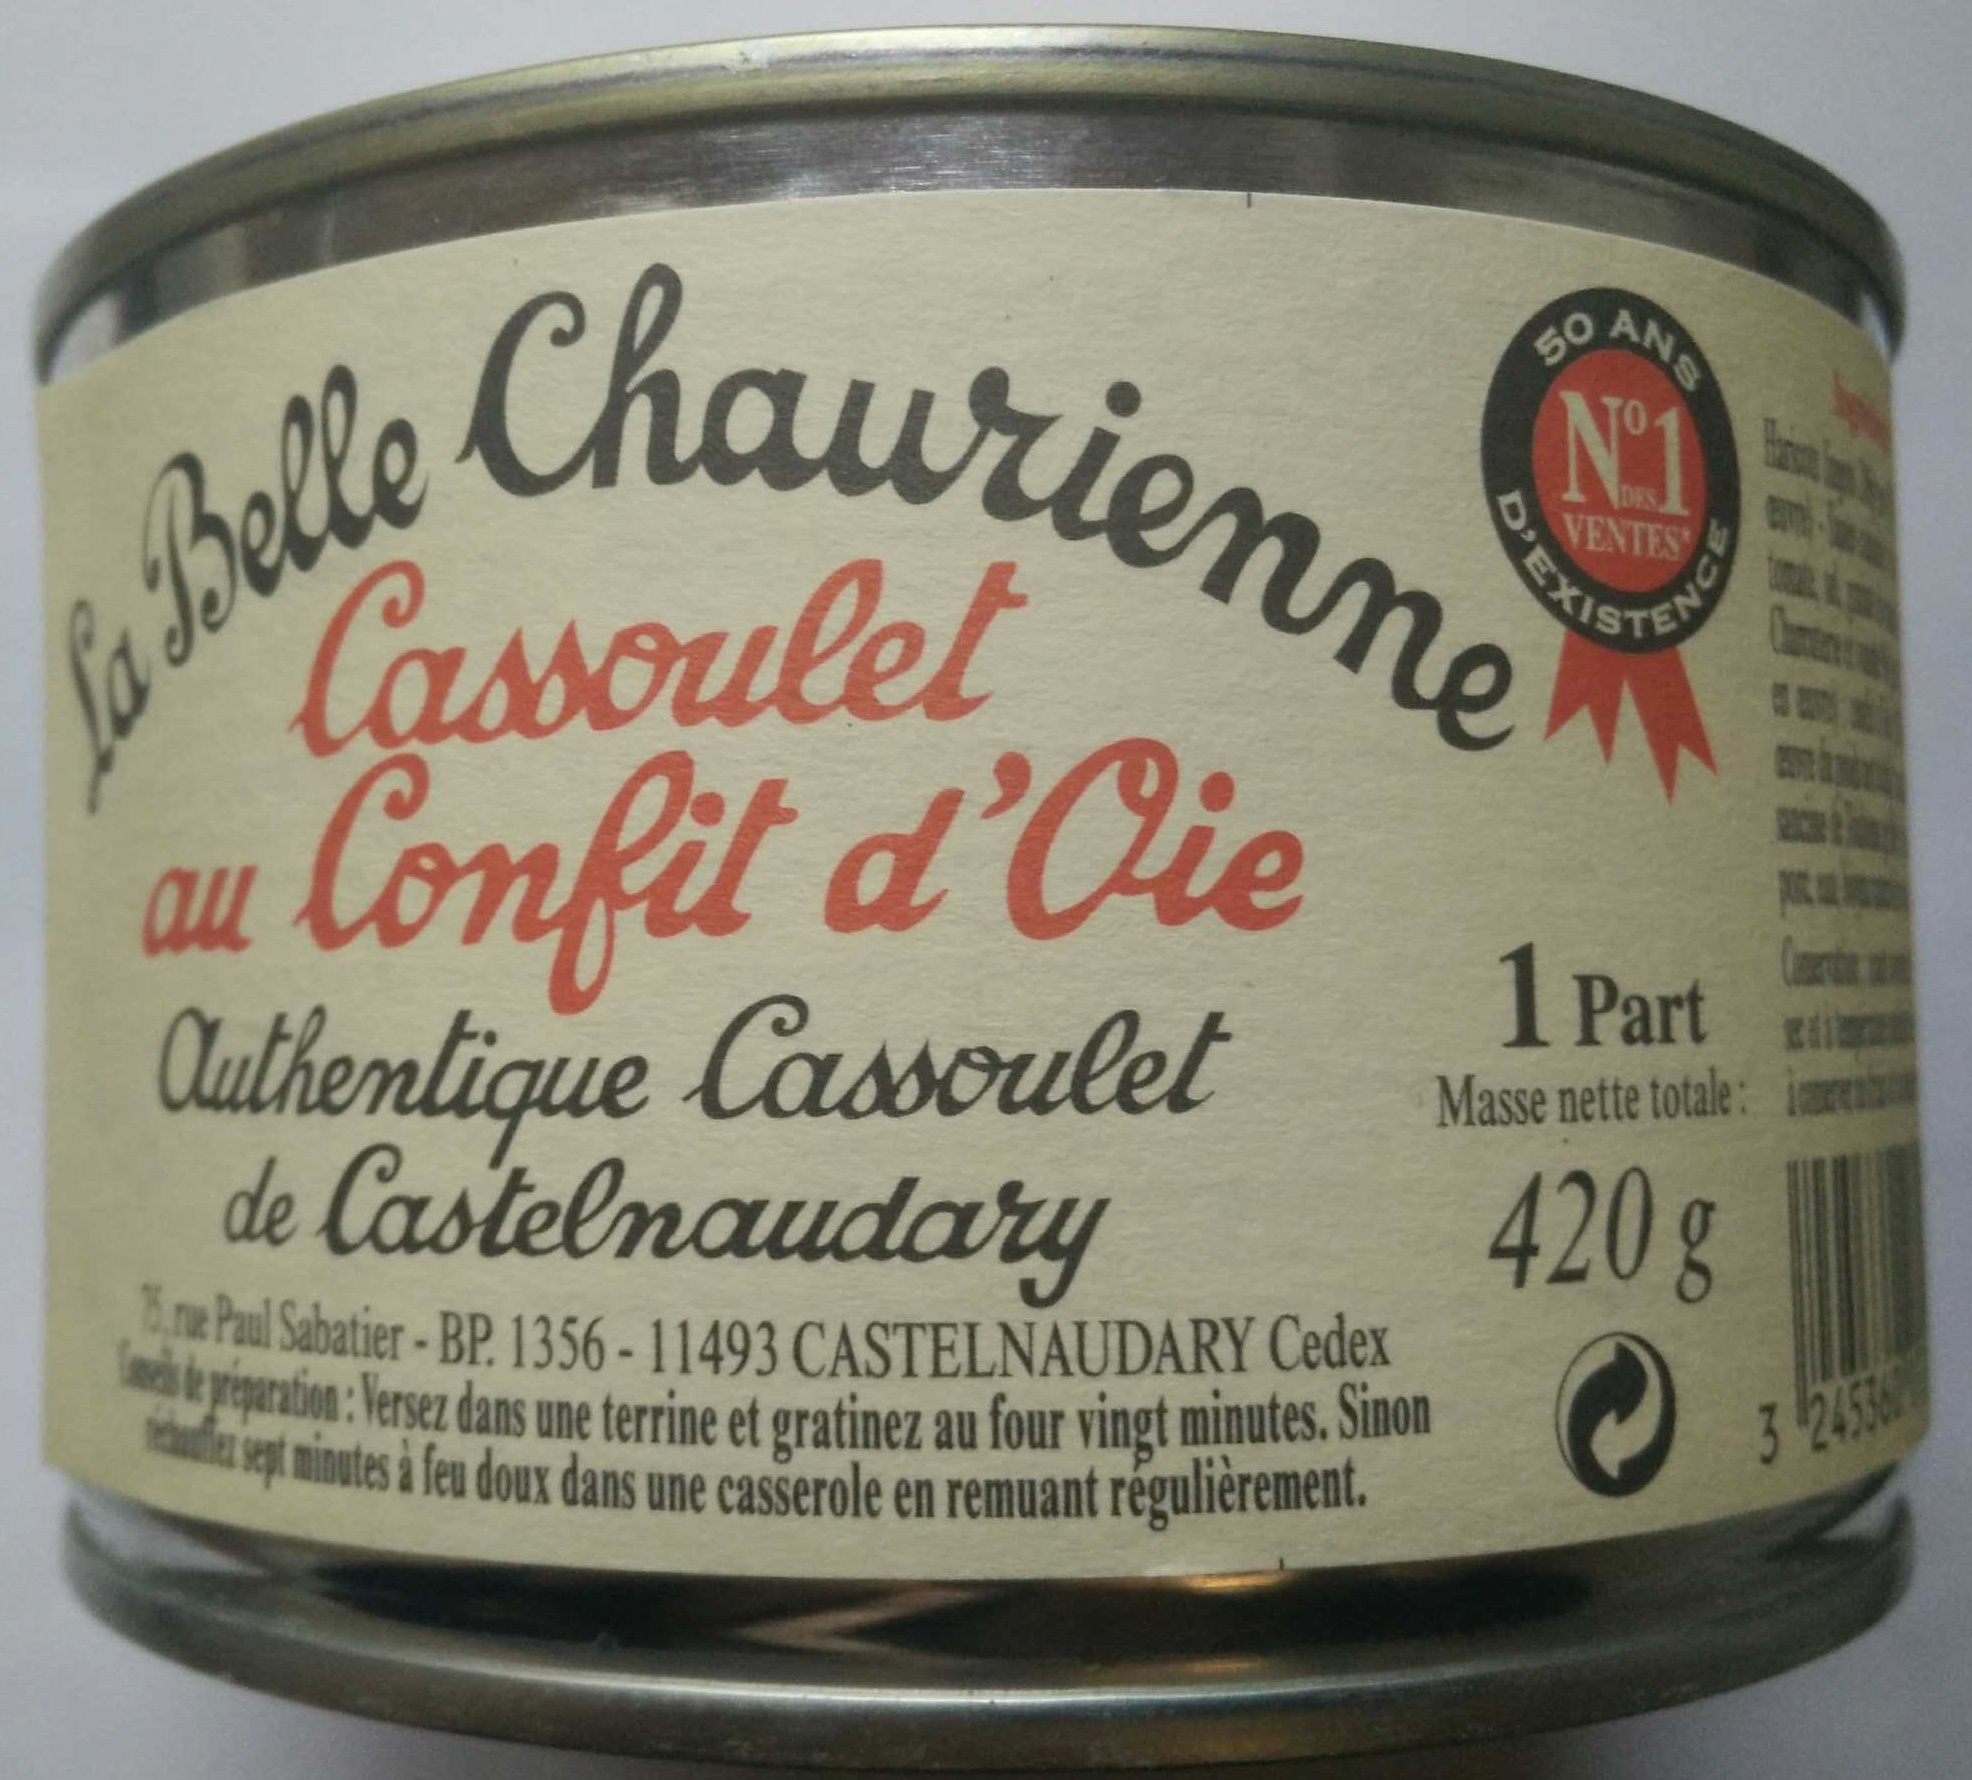 Cassoulet au Confit d'Oie - Produit